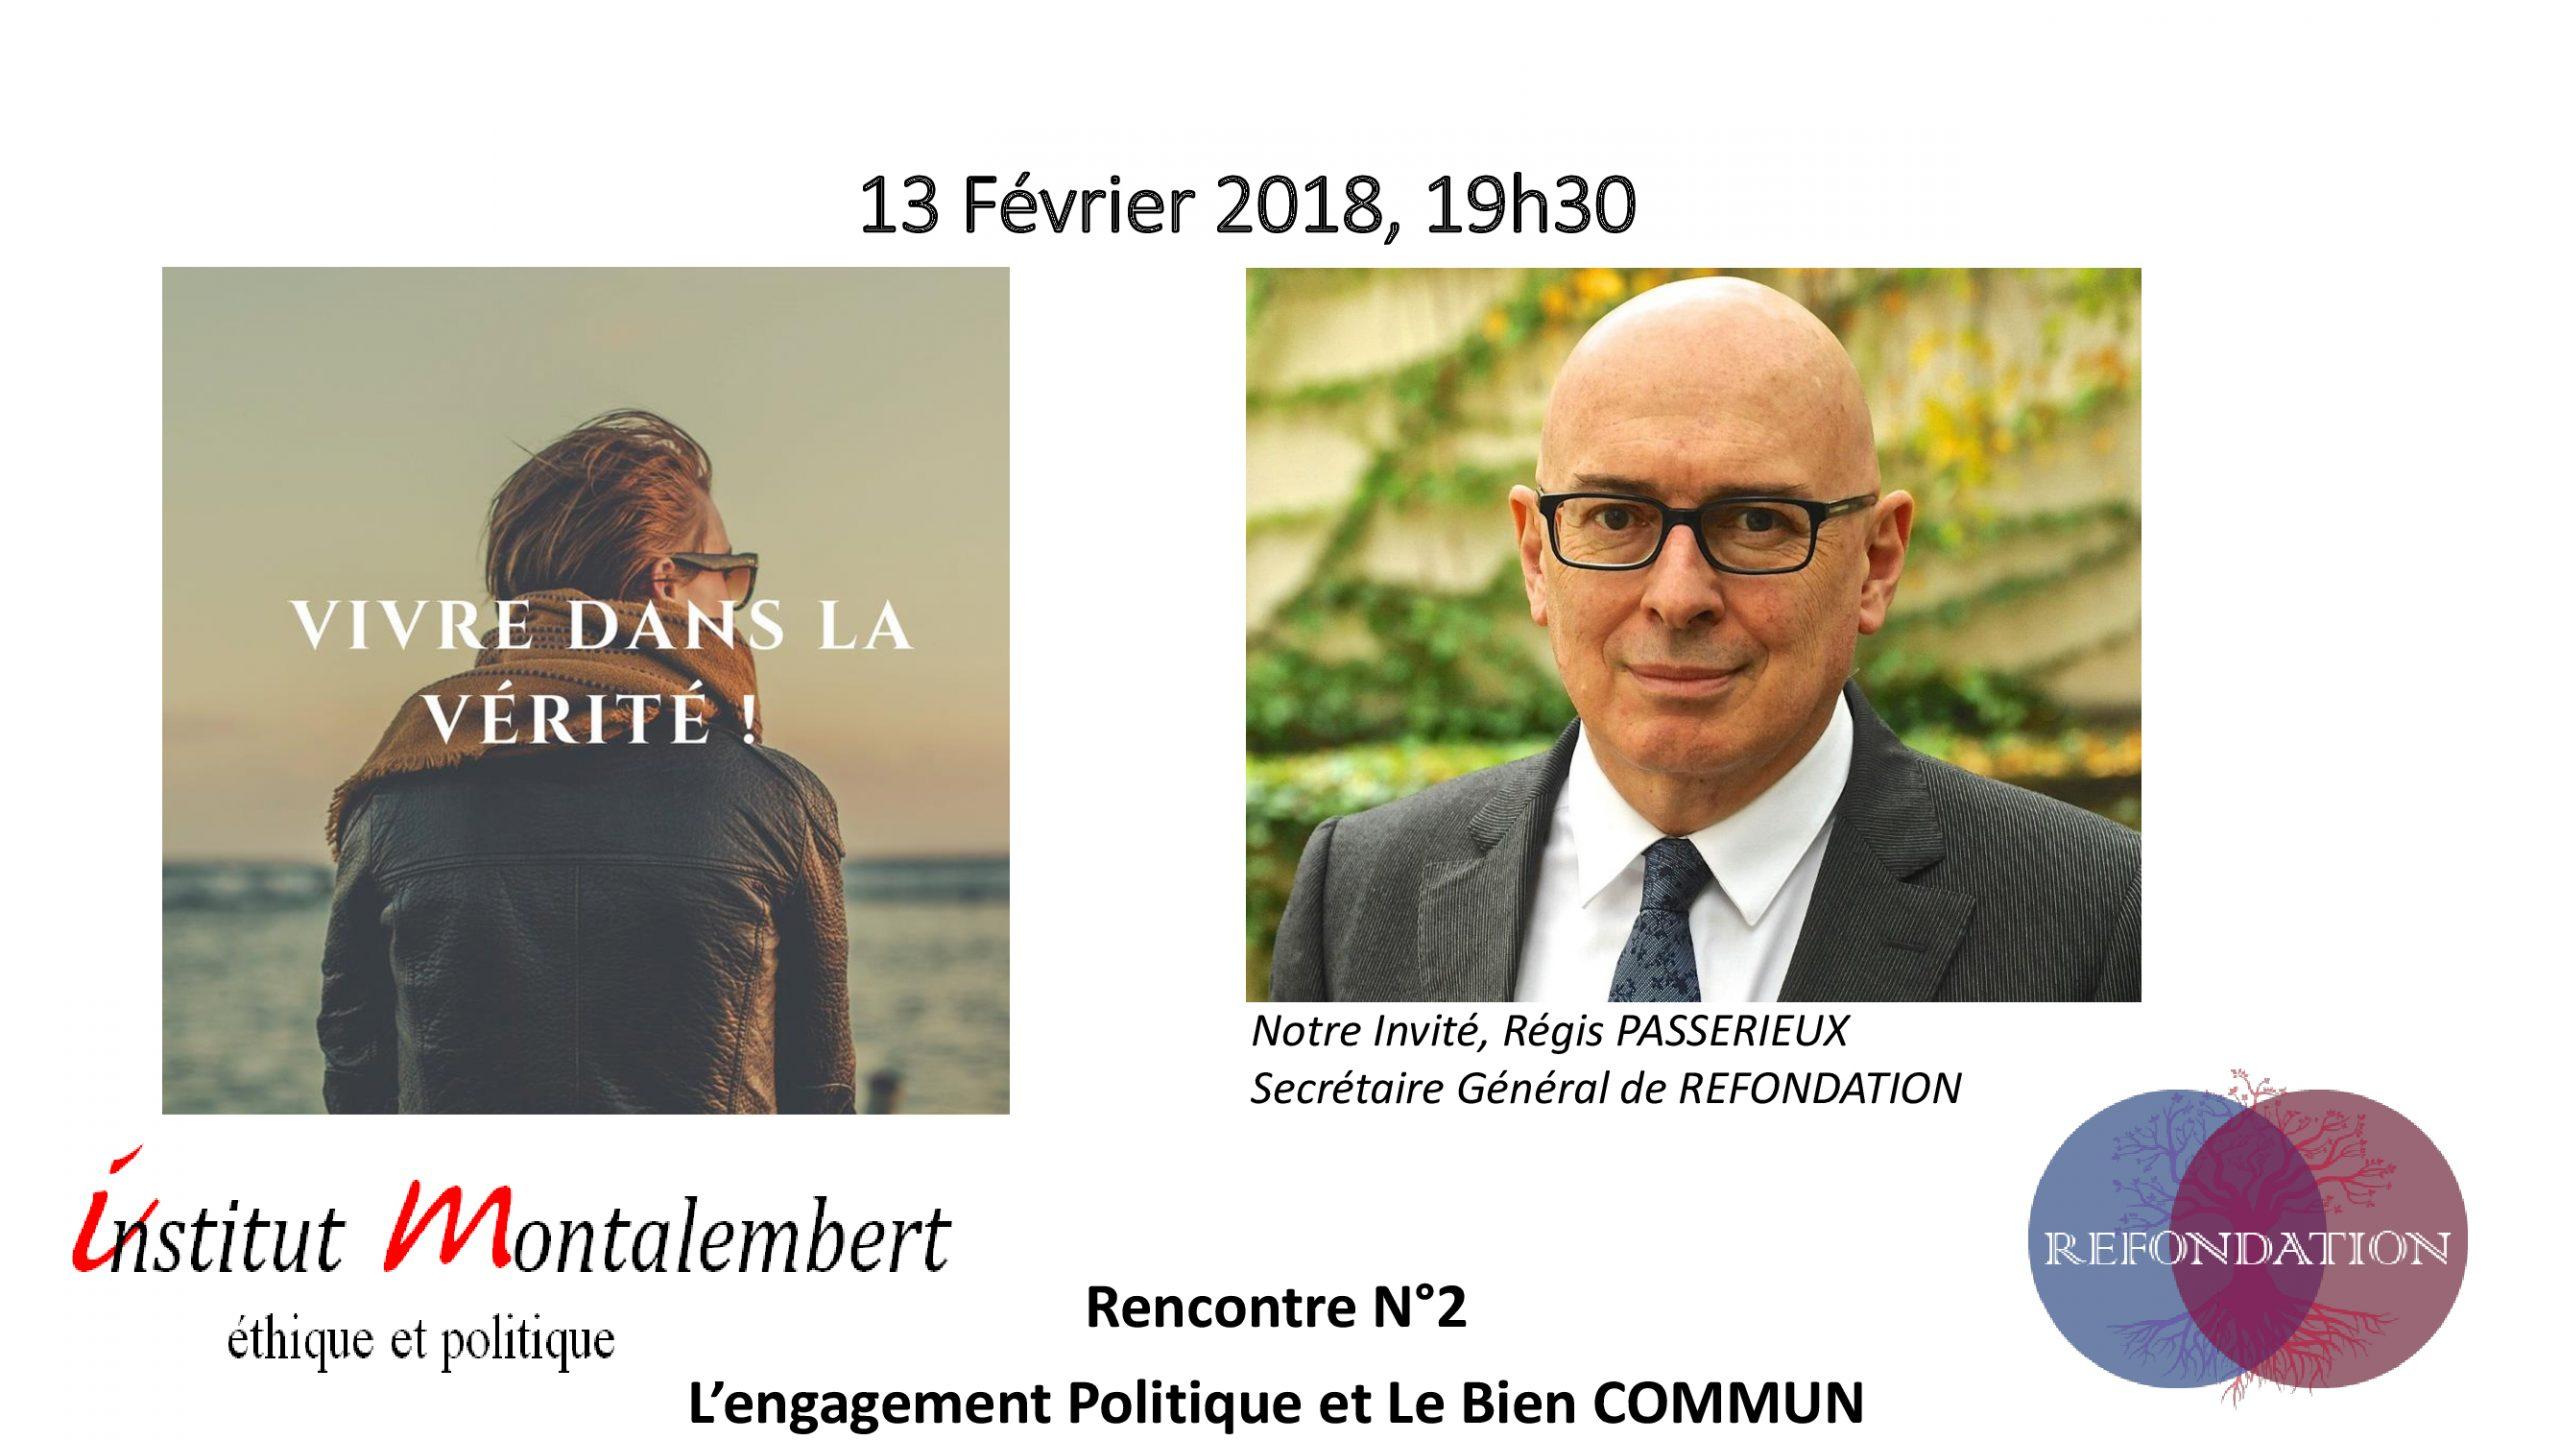 2e Rencontre de l'Institut Montalembert le 13 février 2018 à Paris